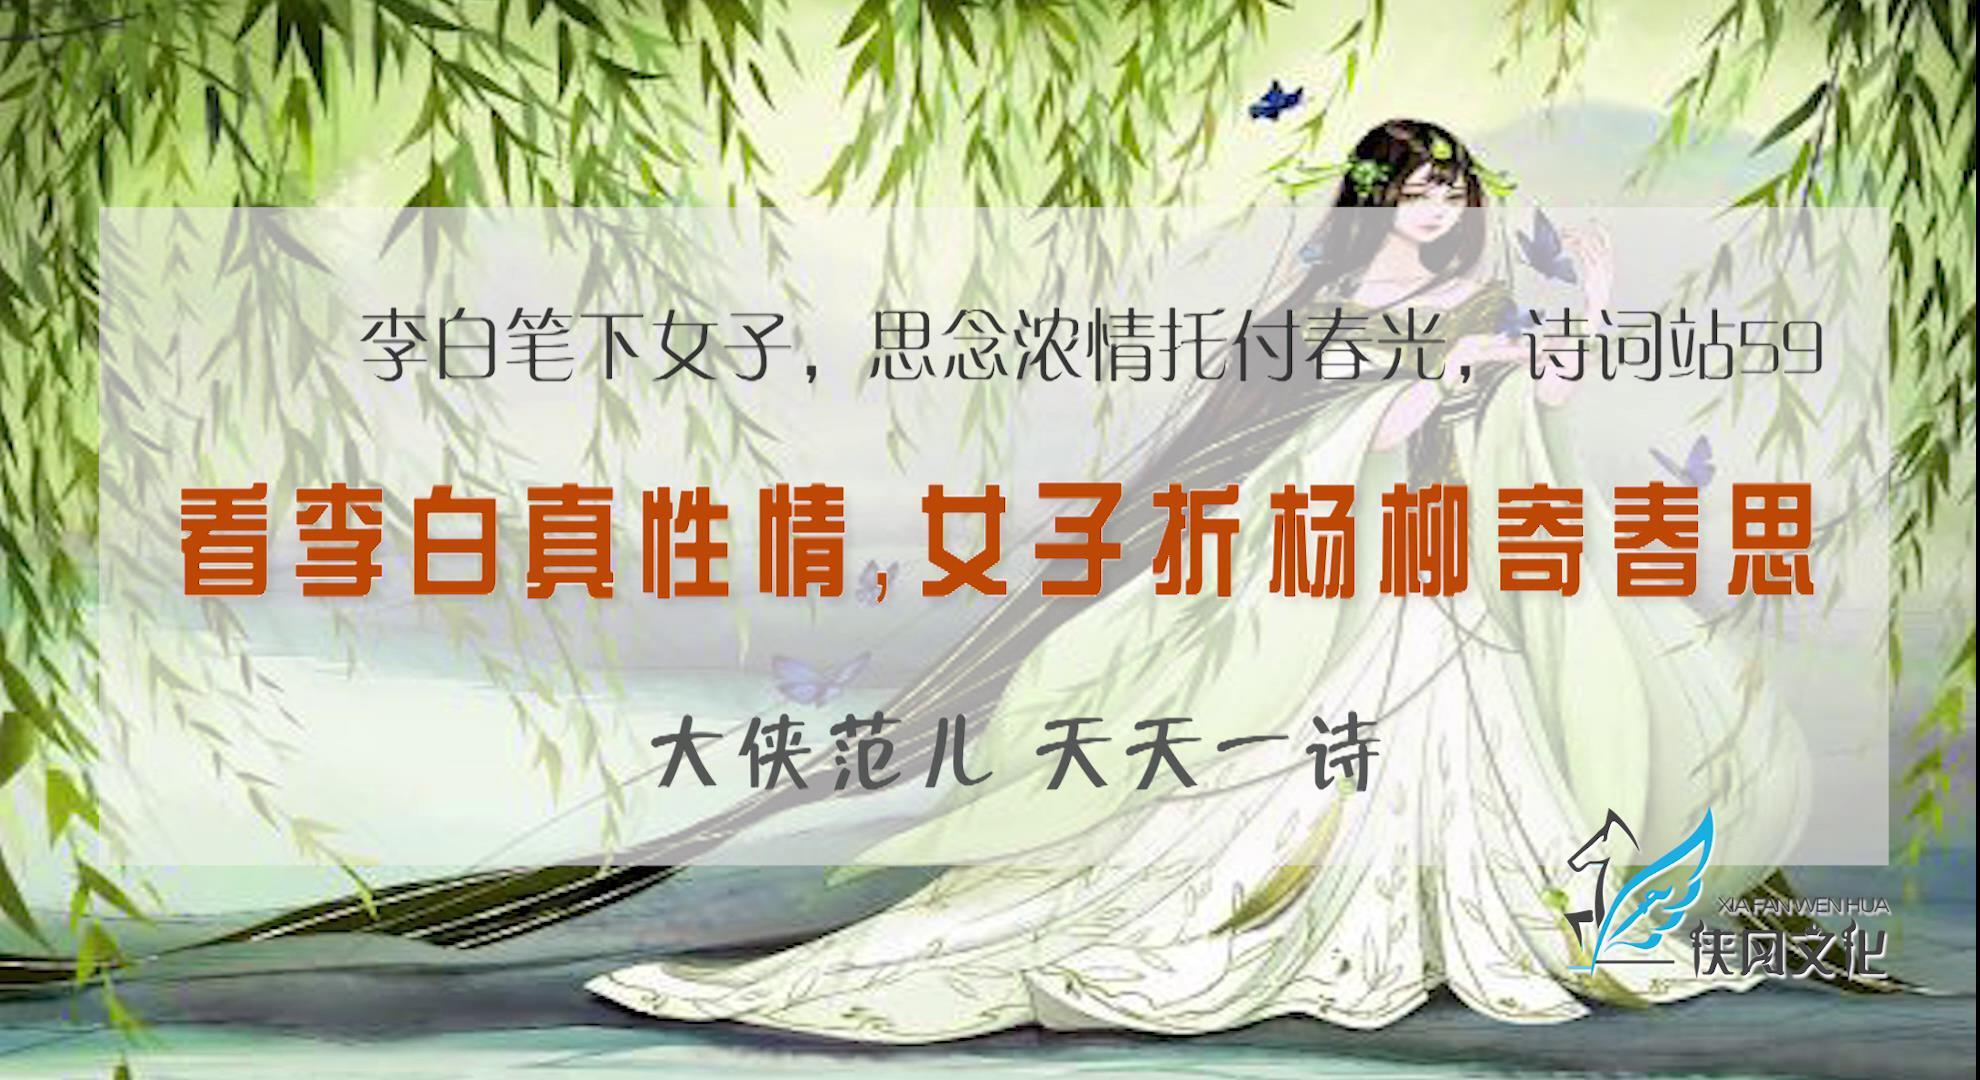 妙:李白笔下女子,只是折杨柳,已是思念浓情托付春光,诗词站59